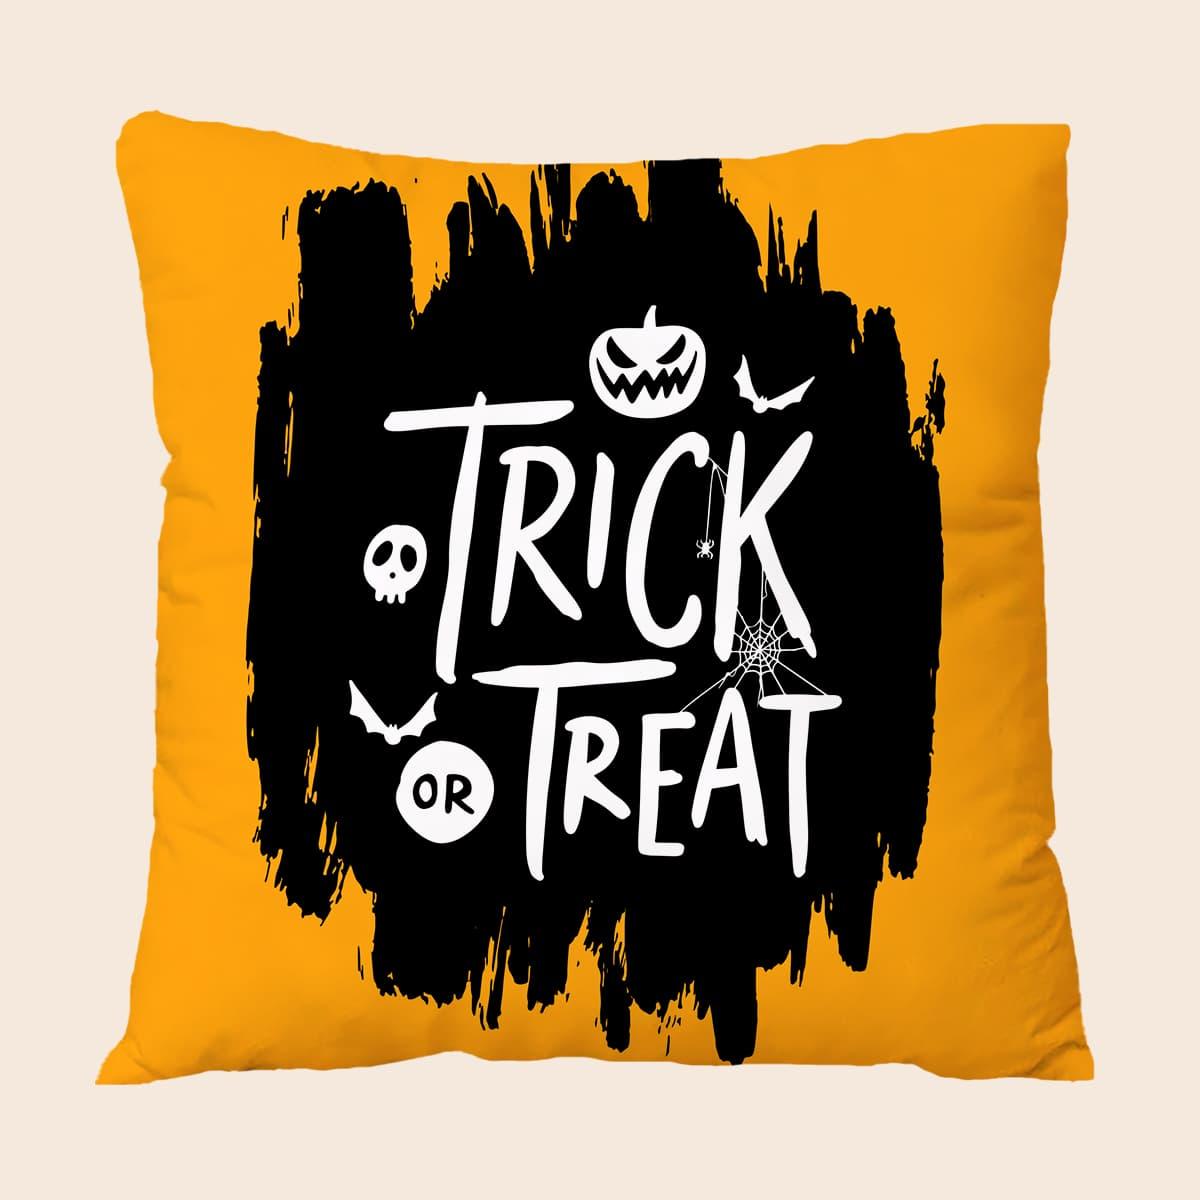 Чехол для подушки без наполнителя на хэллоуин с текстовым принтом